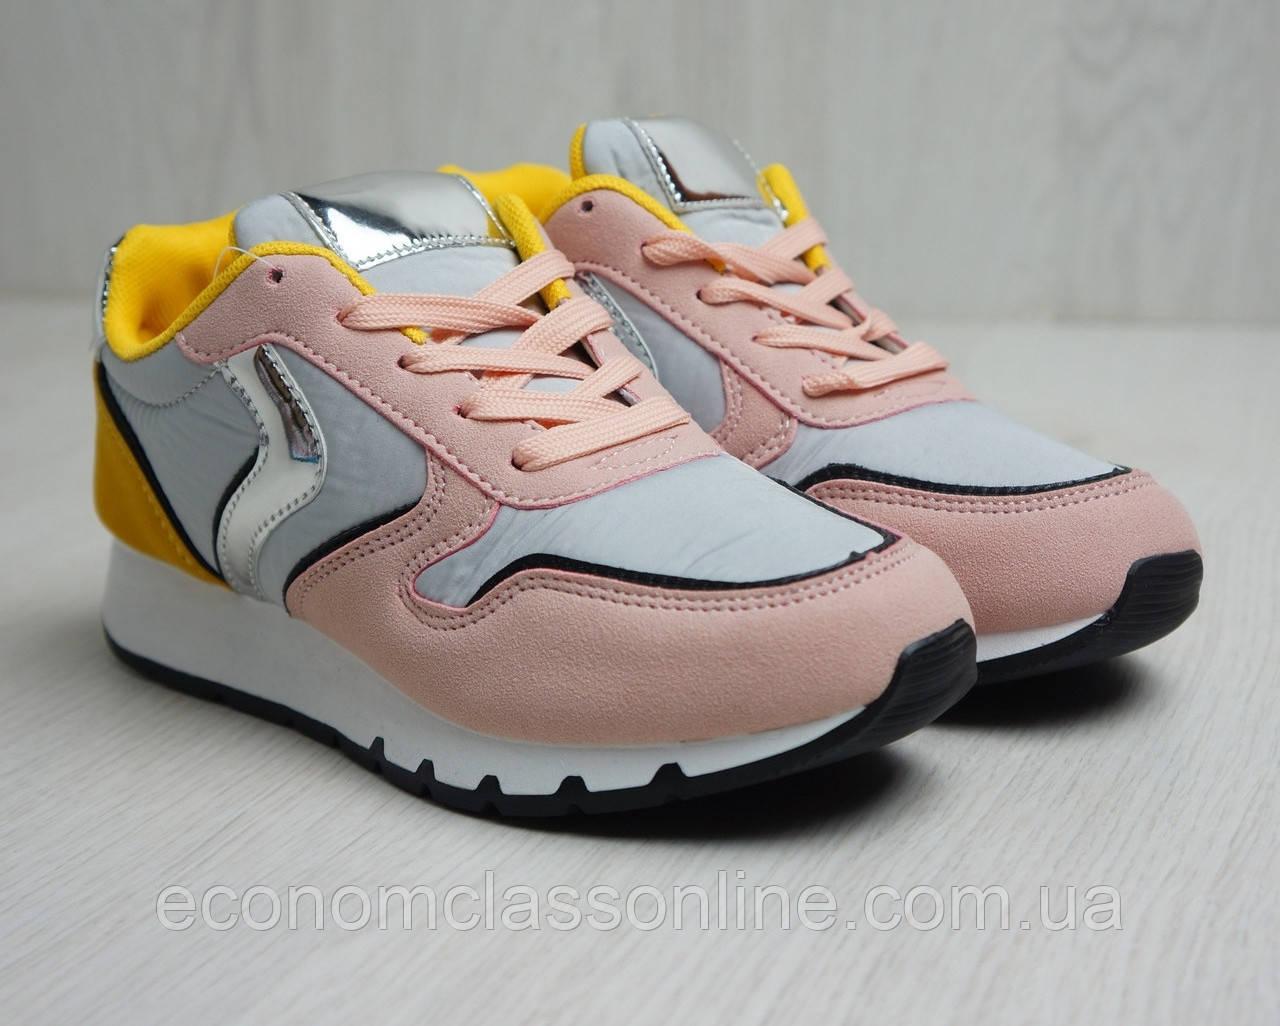 Кросівки La-Vento sport 11501-1,z740